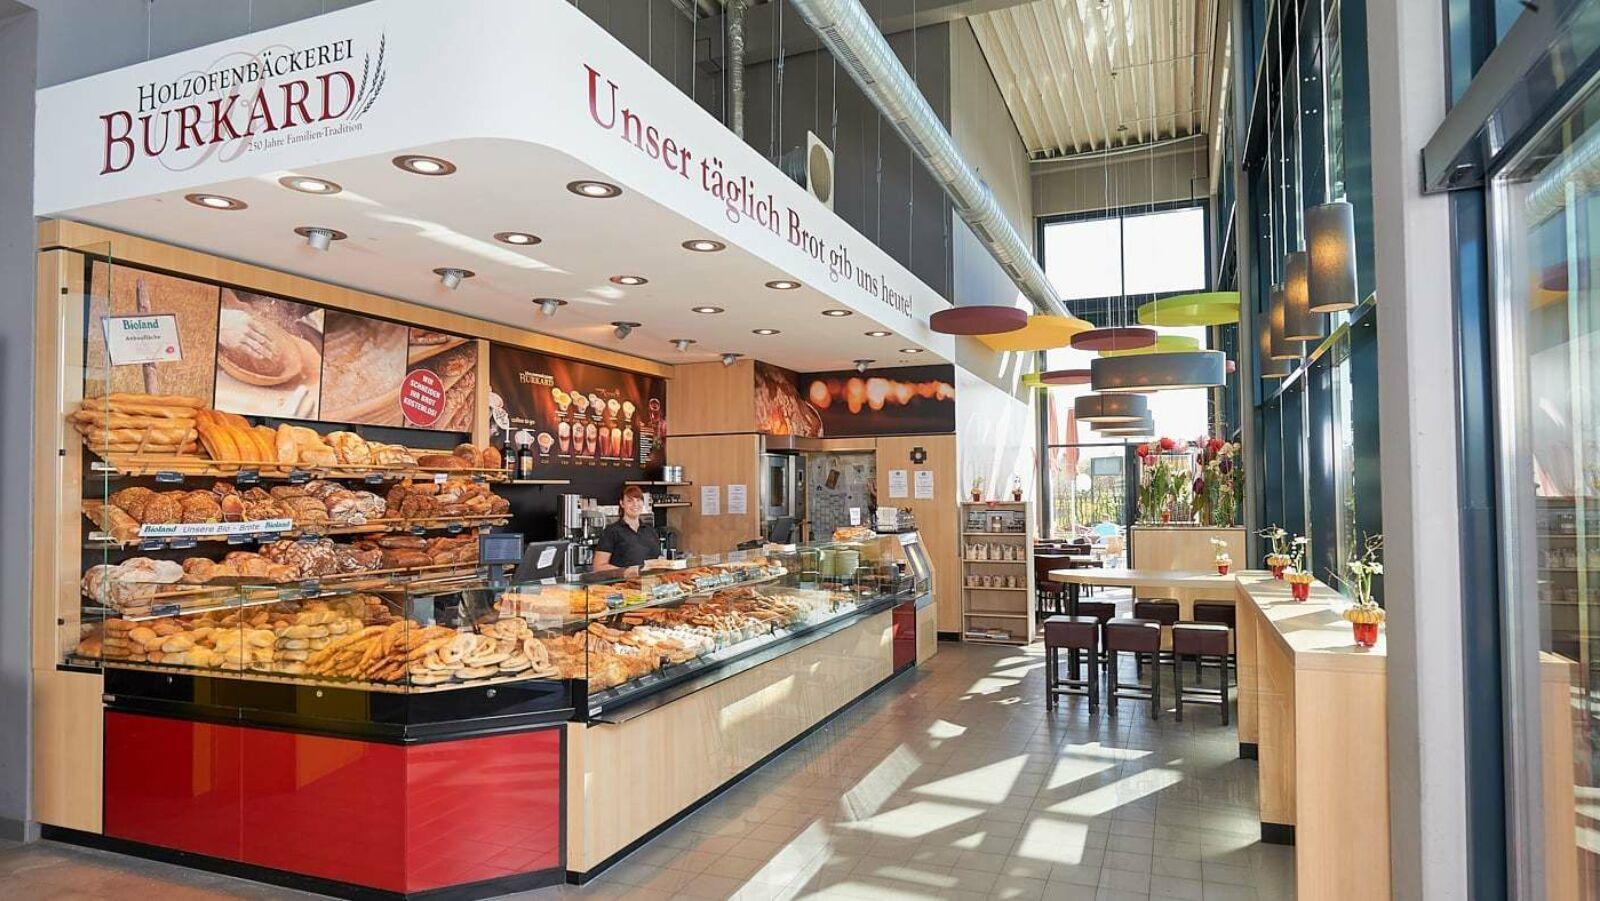 Adelsdorf Im Edeka Markt Backerei Burkard